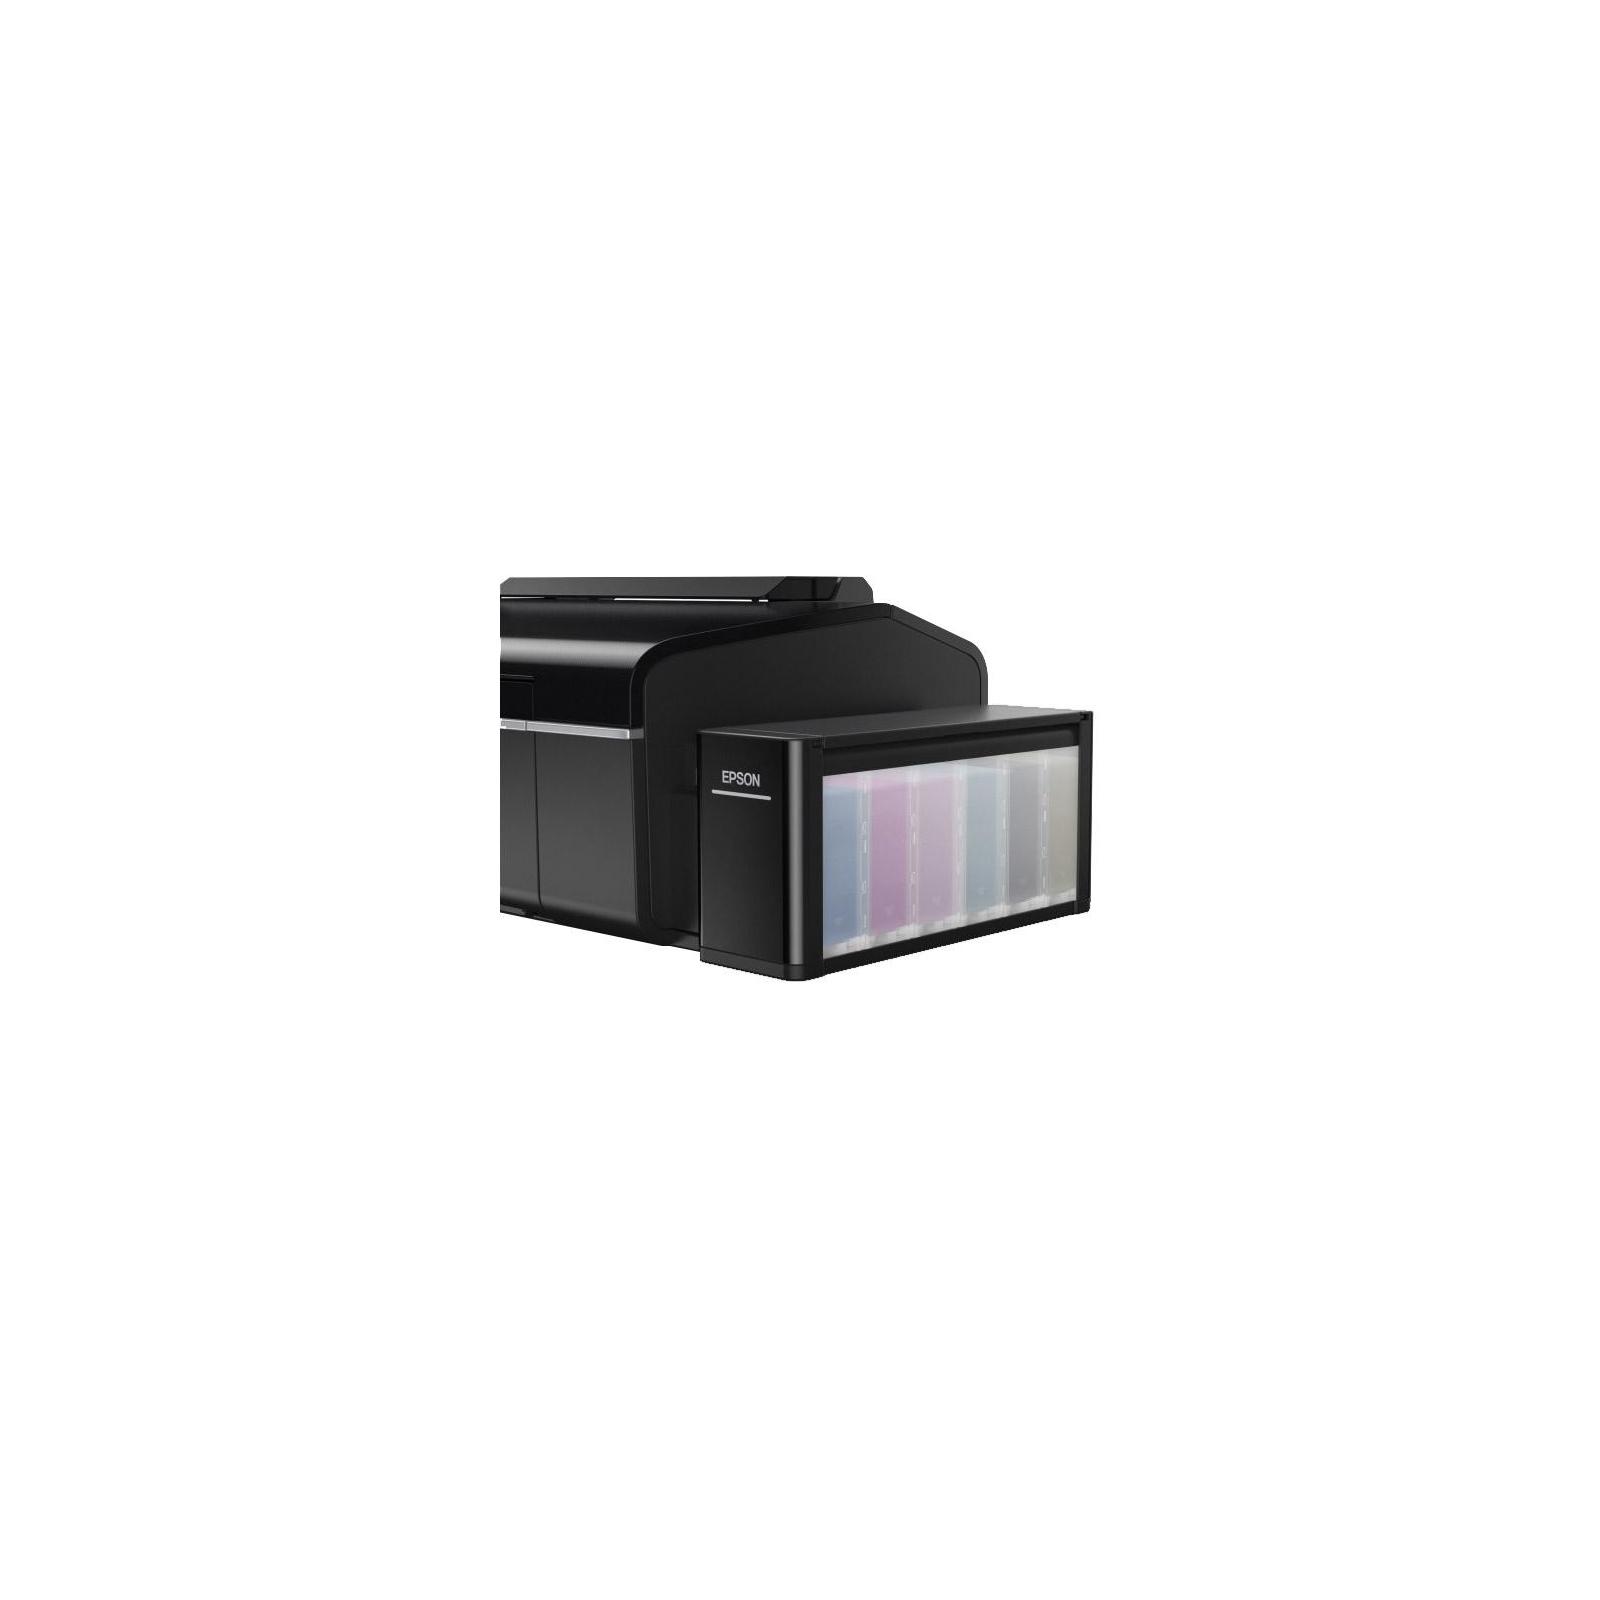 Струйный принтер Epson L805 (C11CE86403) изображение 6